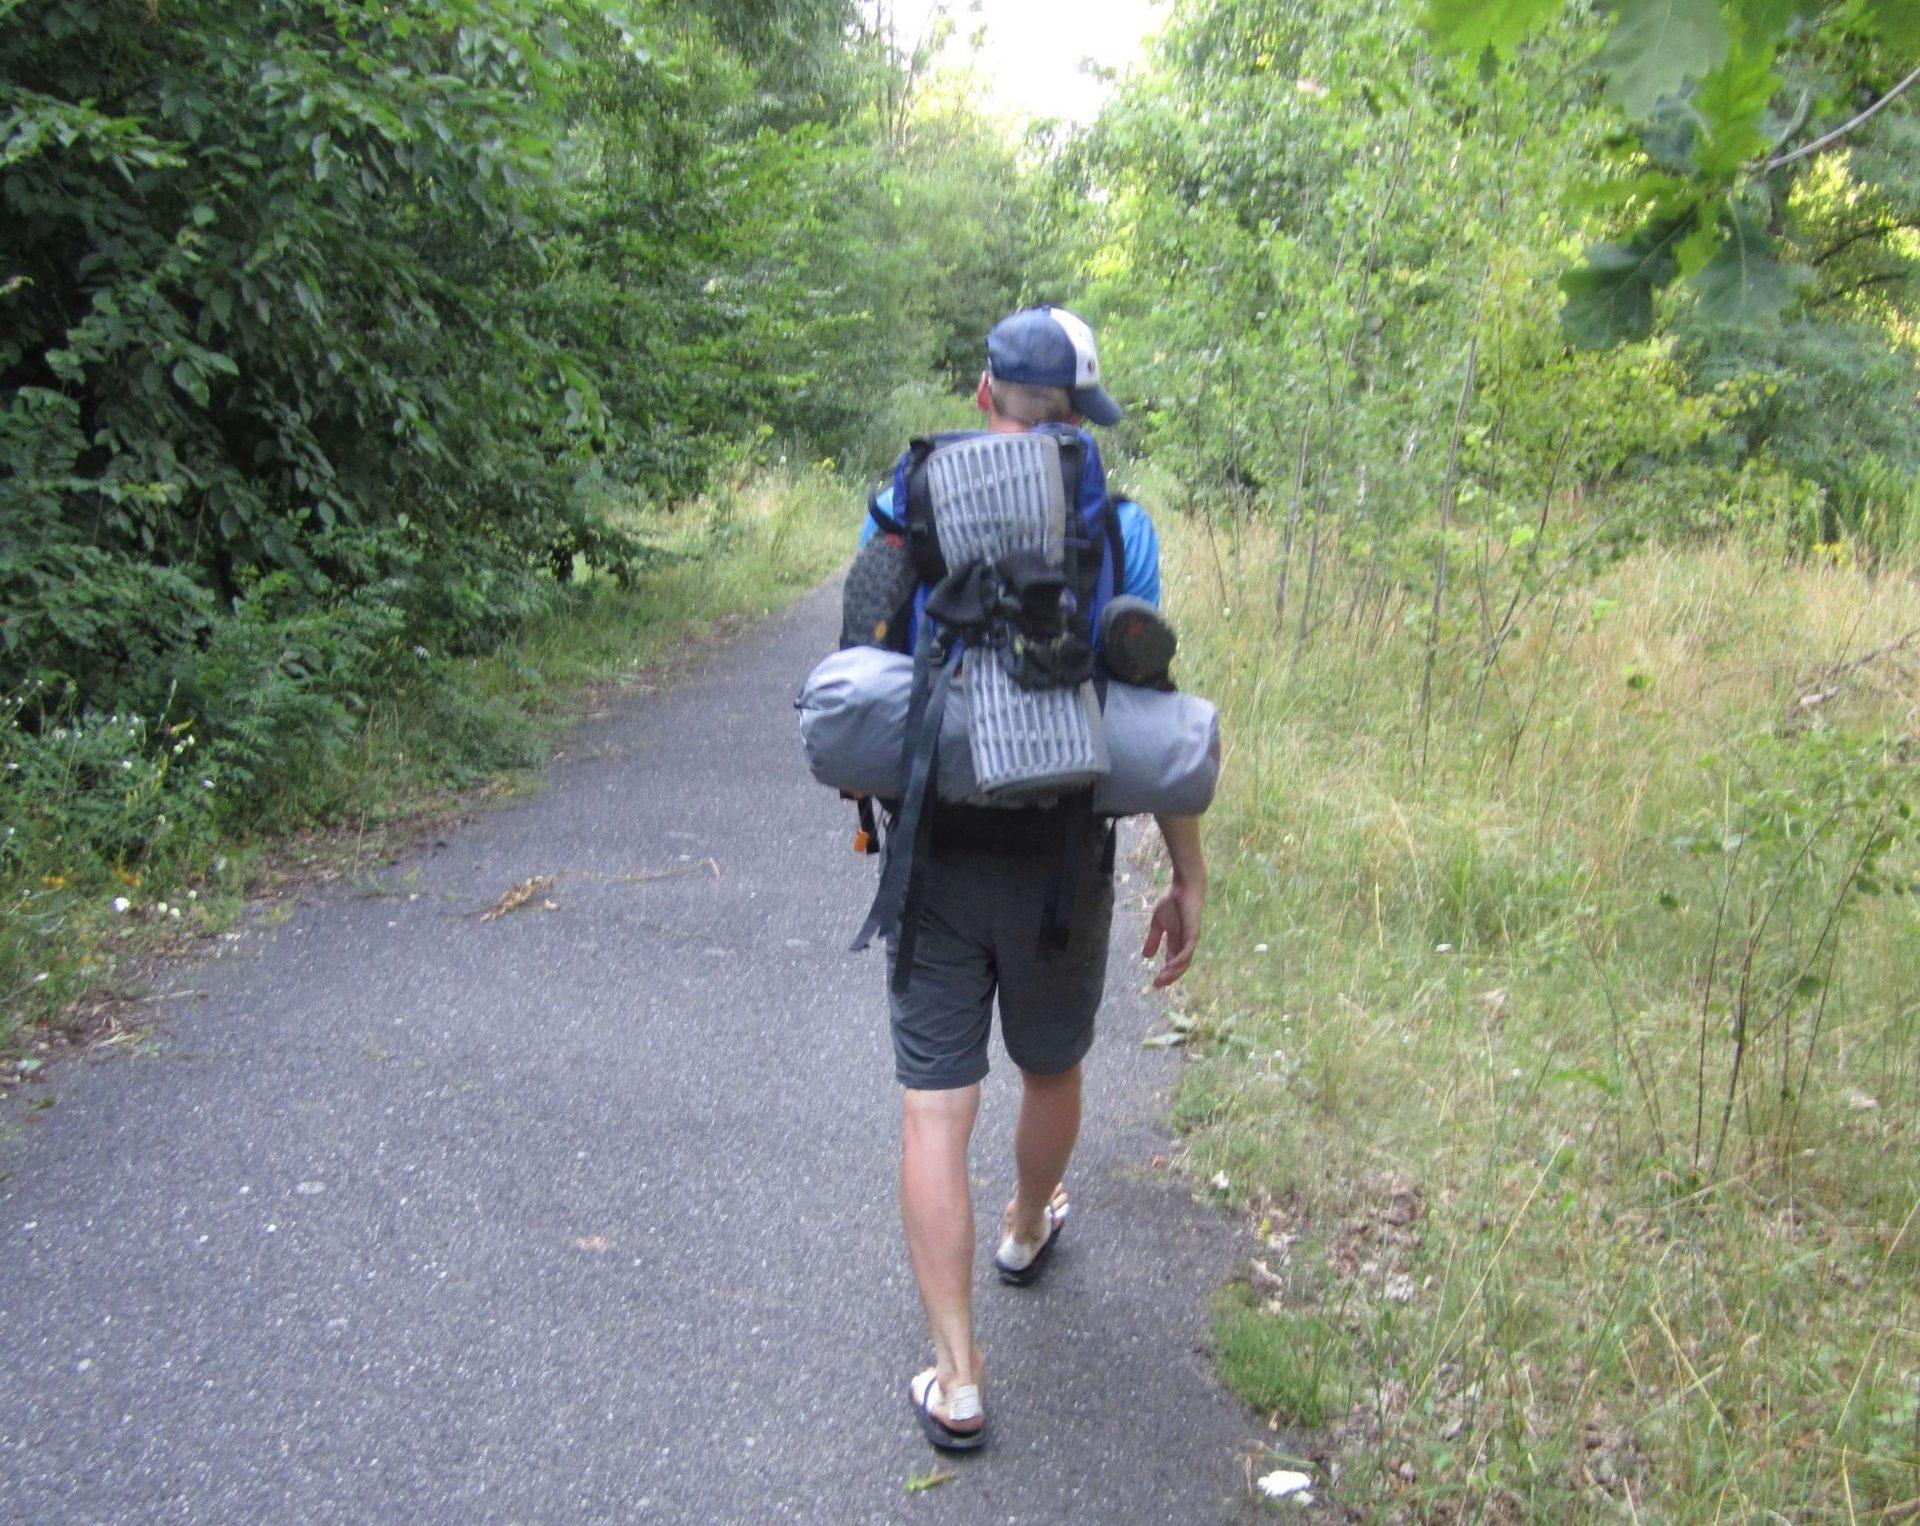 Meine erste Weitwanderung - Mit Flip Flops auf Wanderschaft. Weiter geht es... vorerst